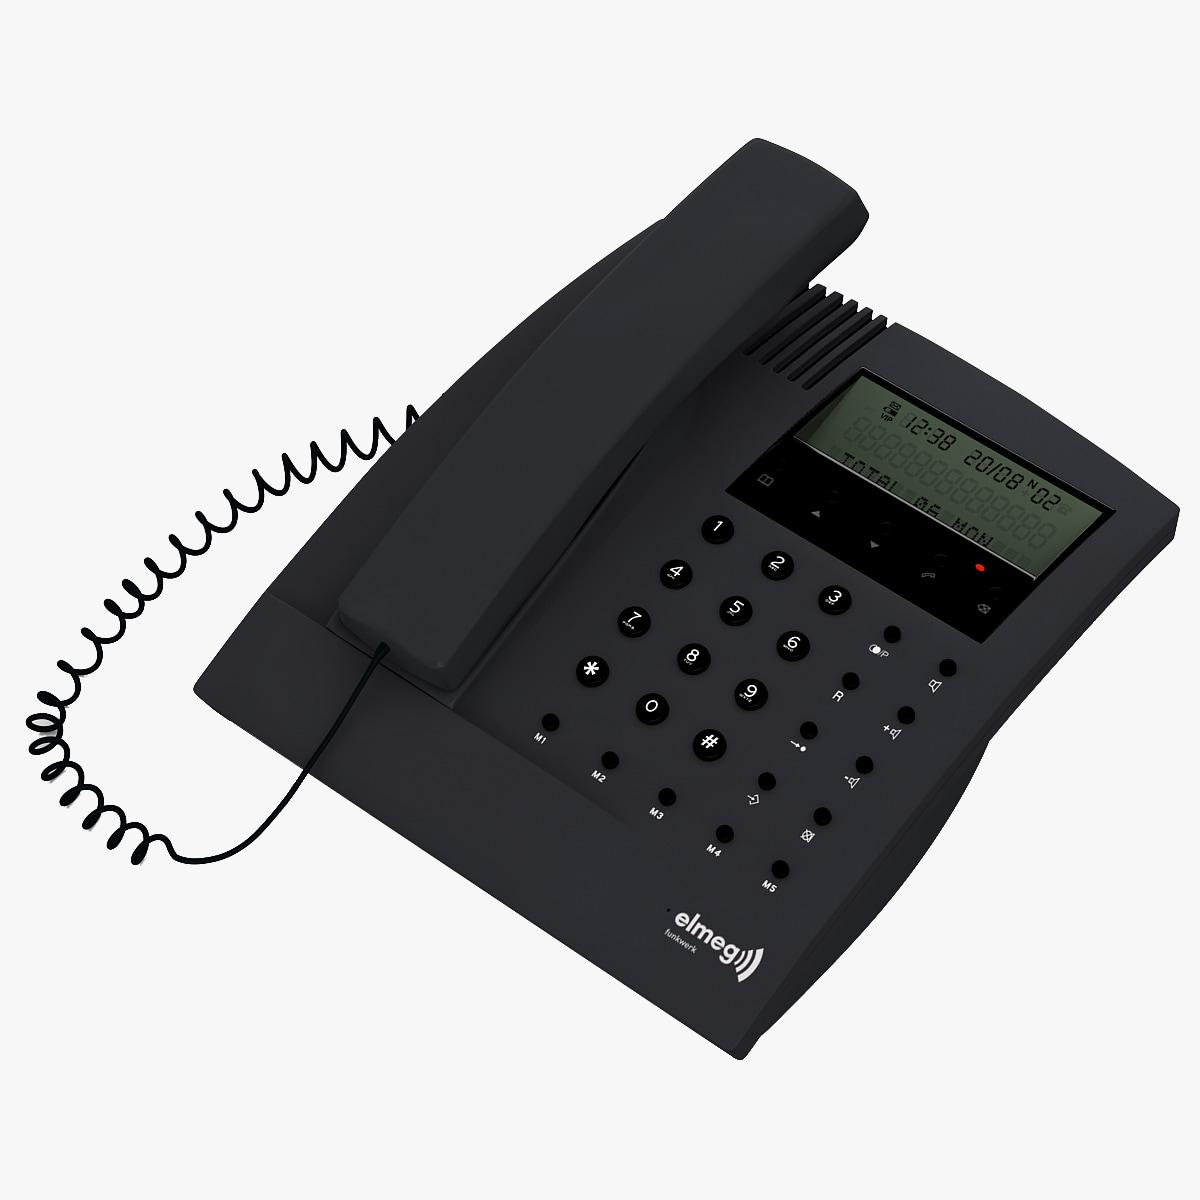 IP_Telephone_Elmeg_IP290_000.jpg